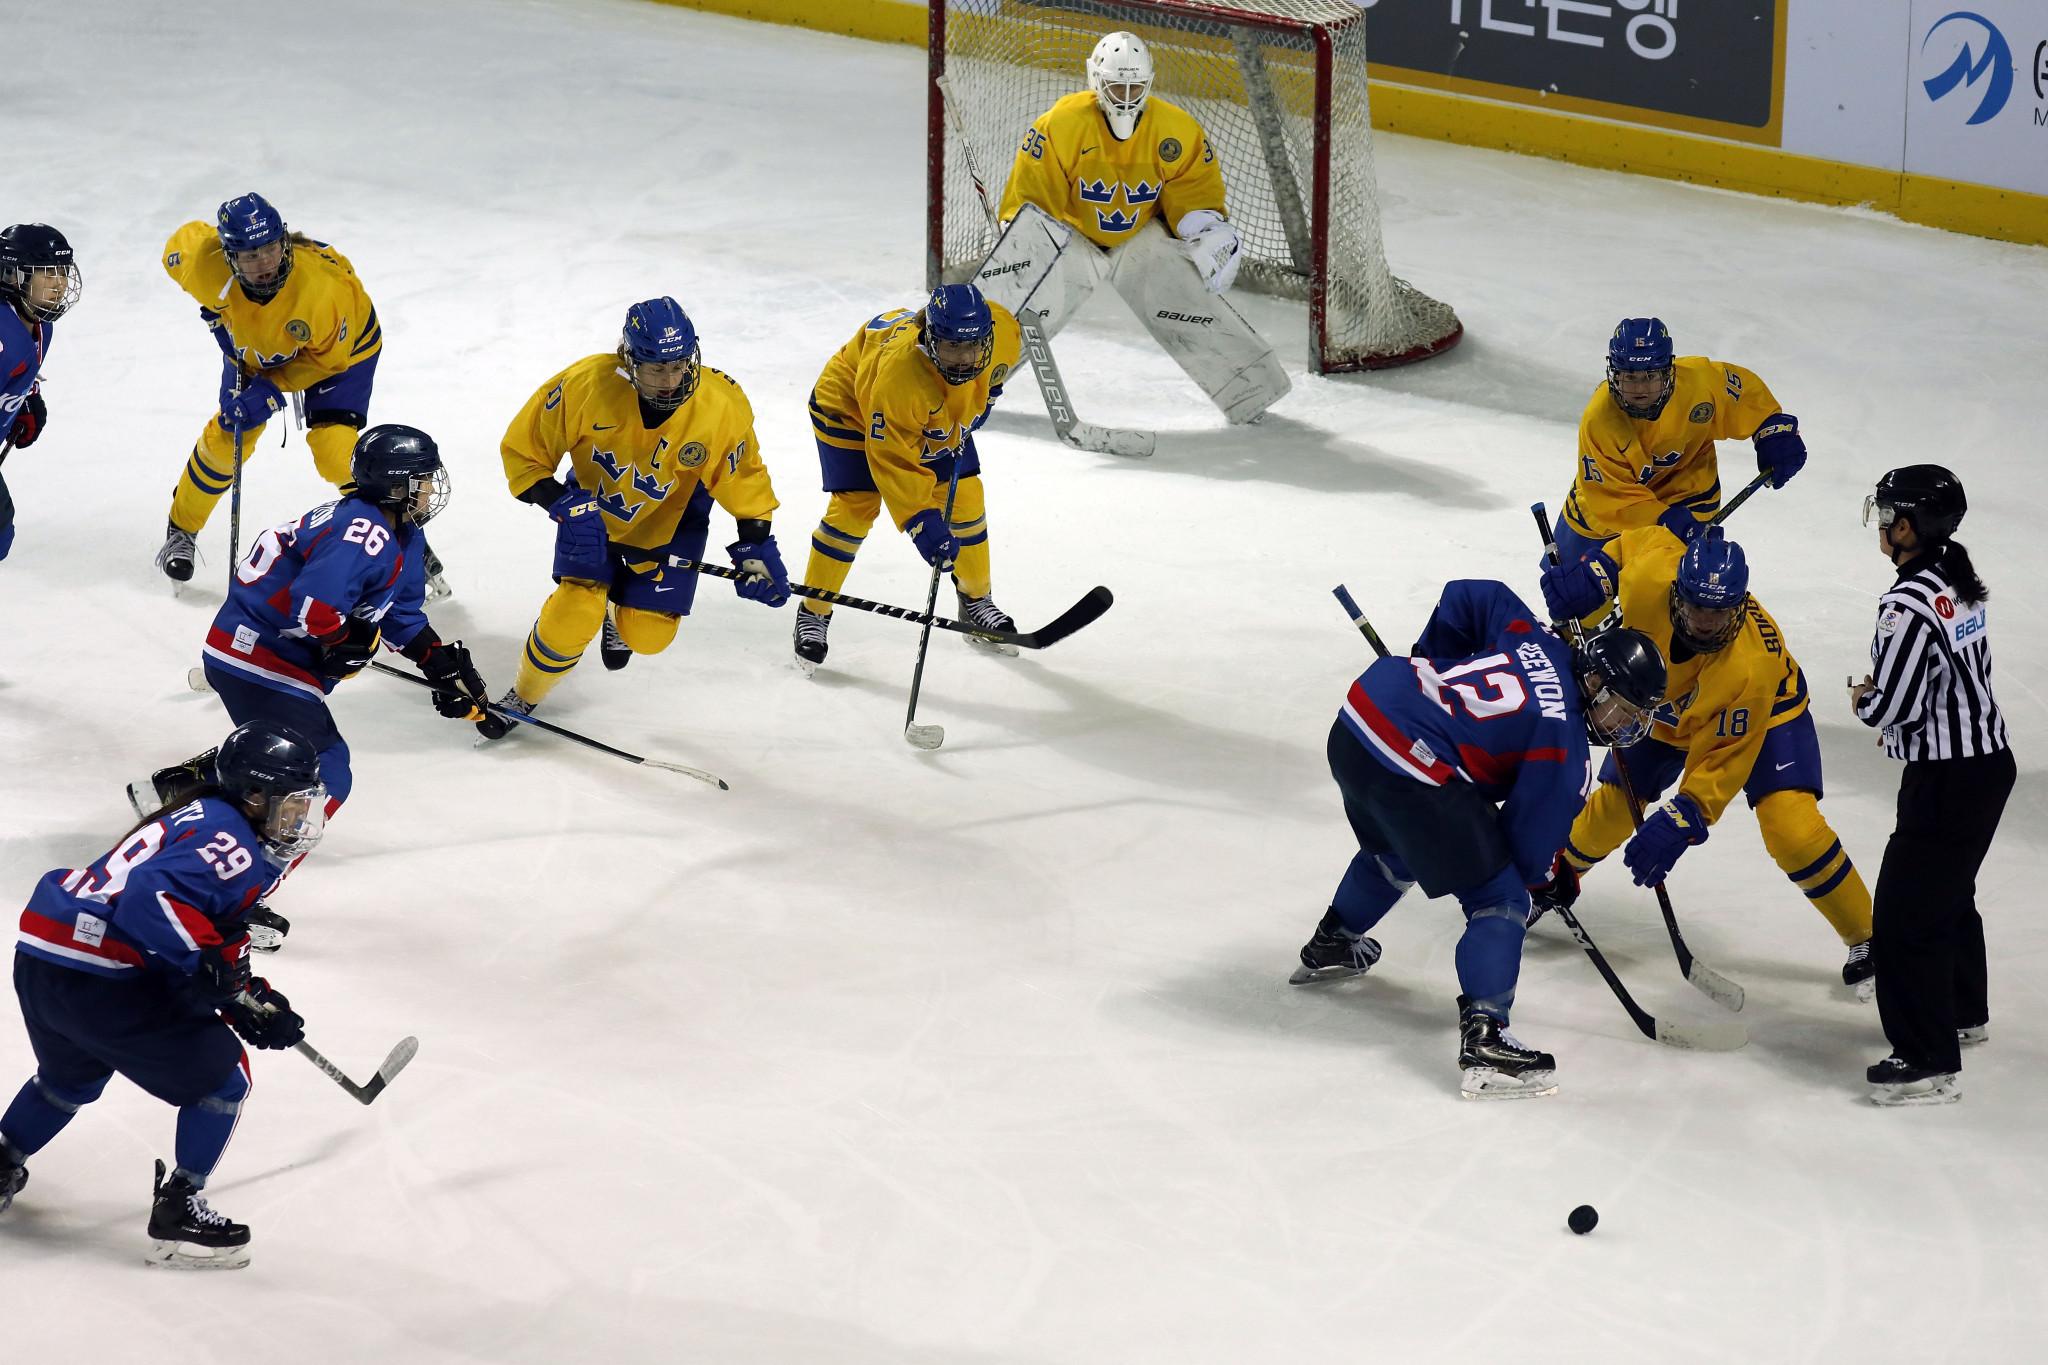 Korean women's ice hockey team lose Pyeongchang 2018 warm-up game